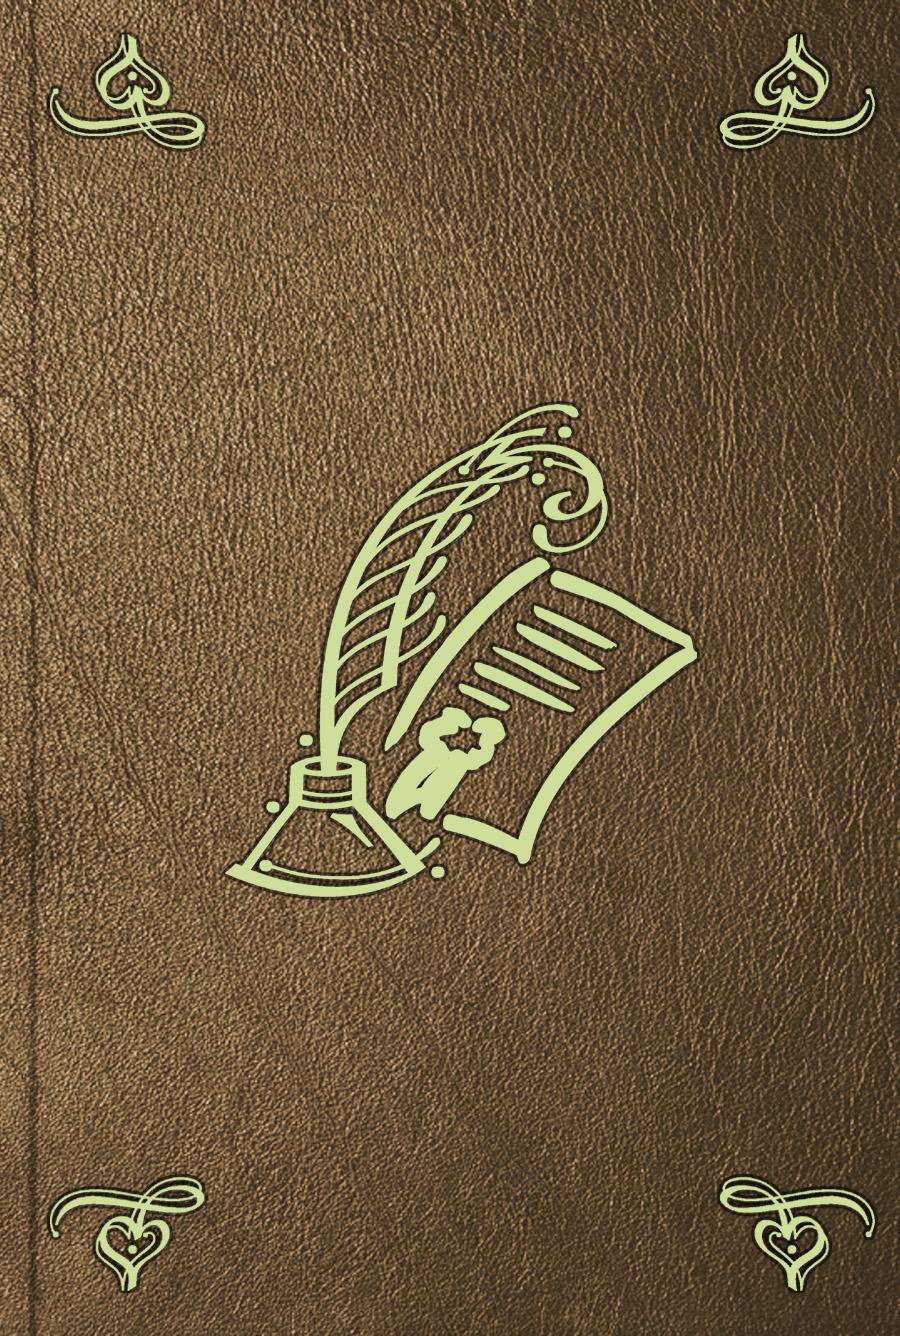 Отсутствует Инструкция с указом из Московскаго магистрата словесному суду отсутствует инструкция с указом из московскаго магистрата словесному суду